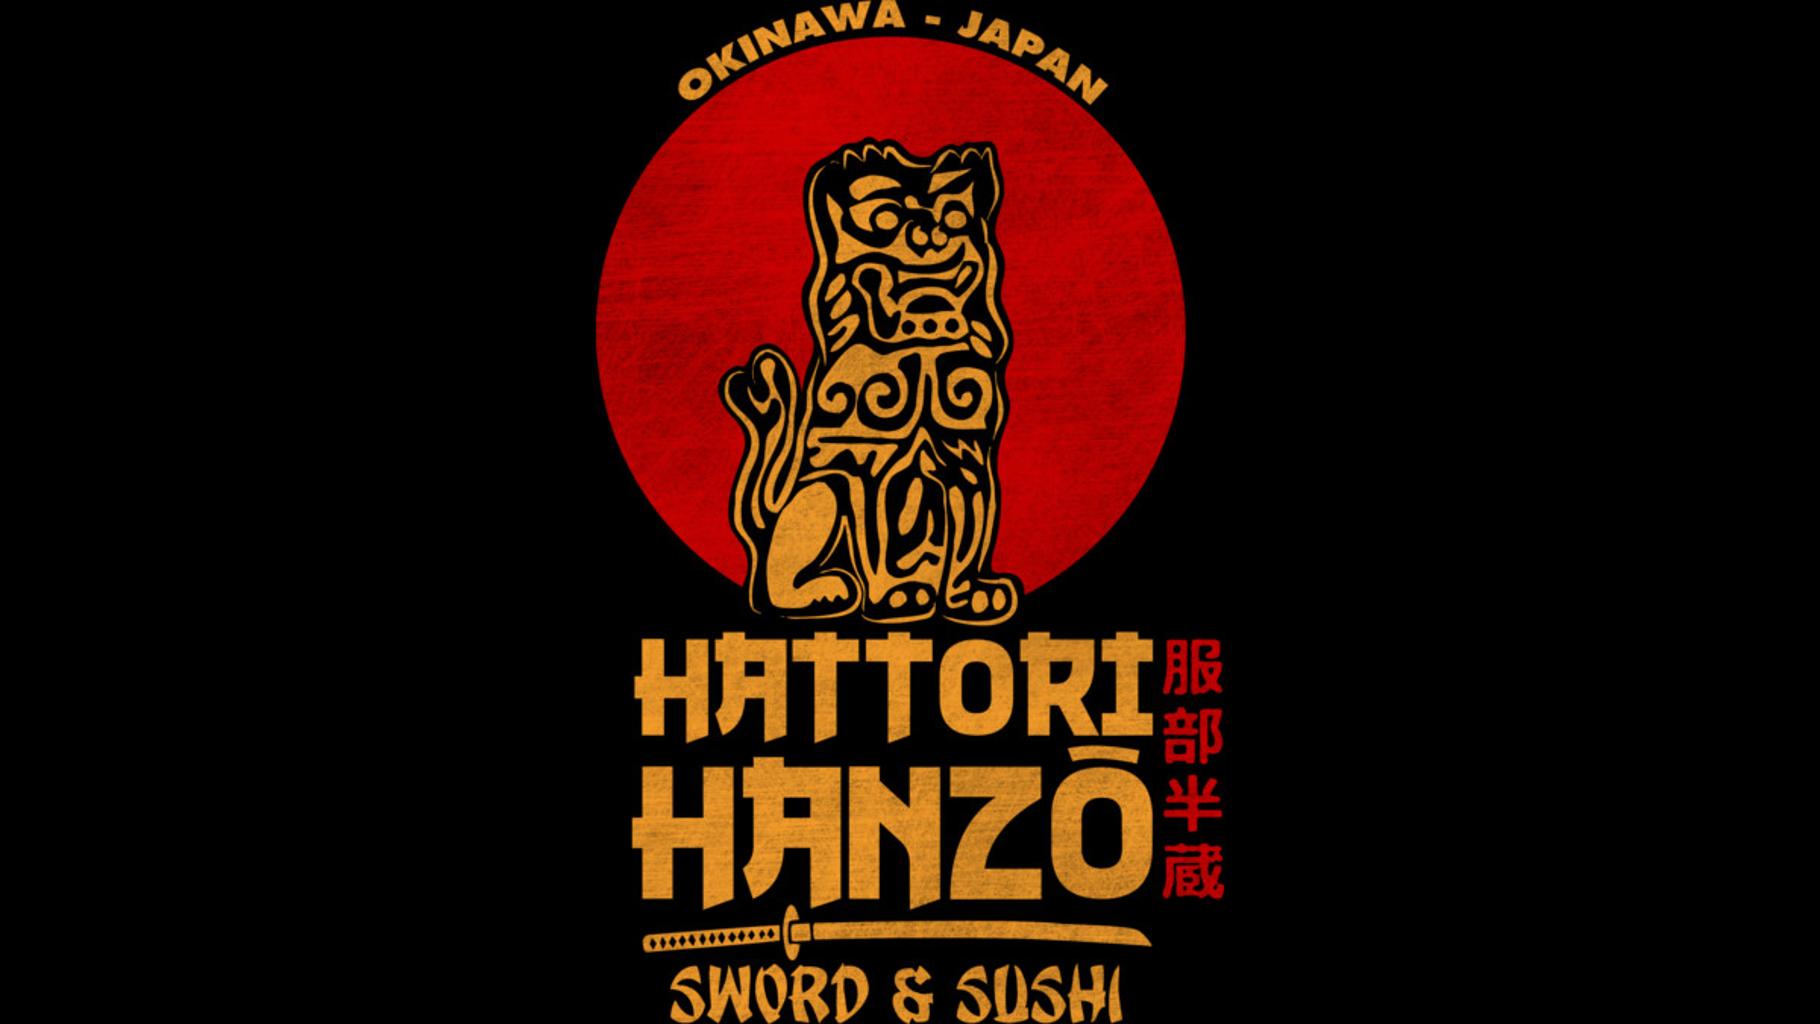 Design by Humans: Hattori Hanzo